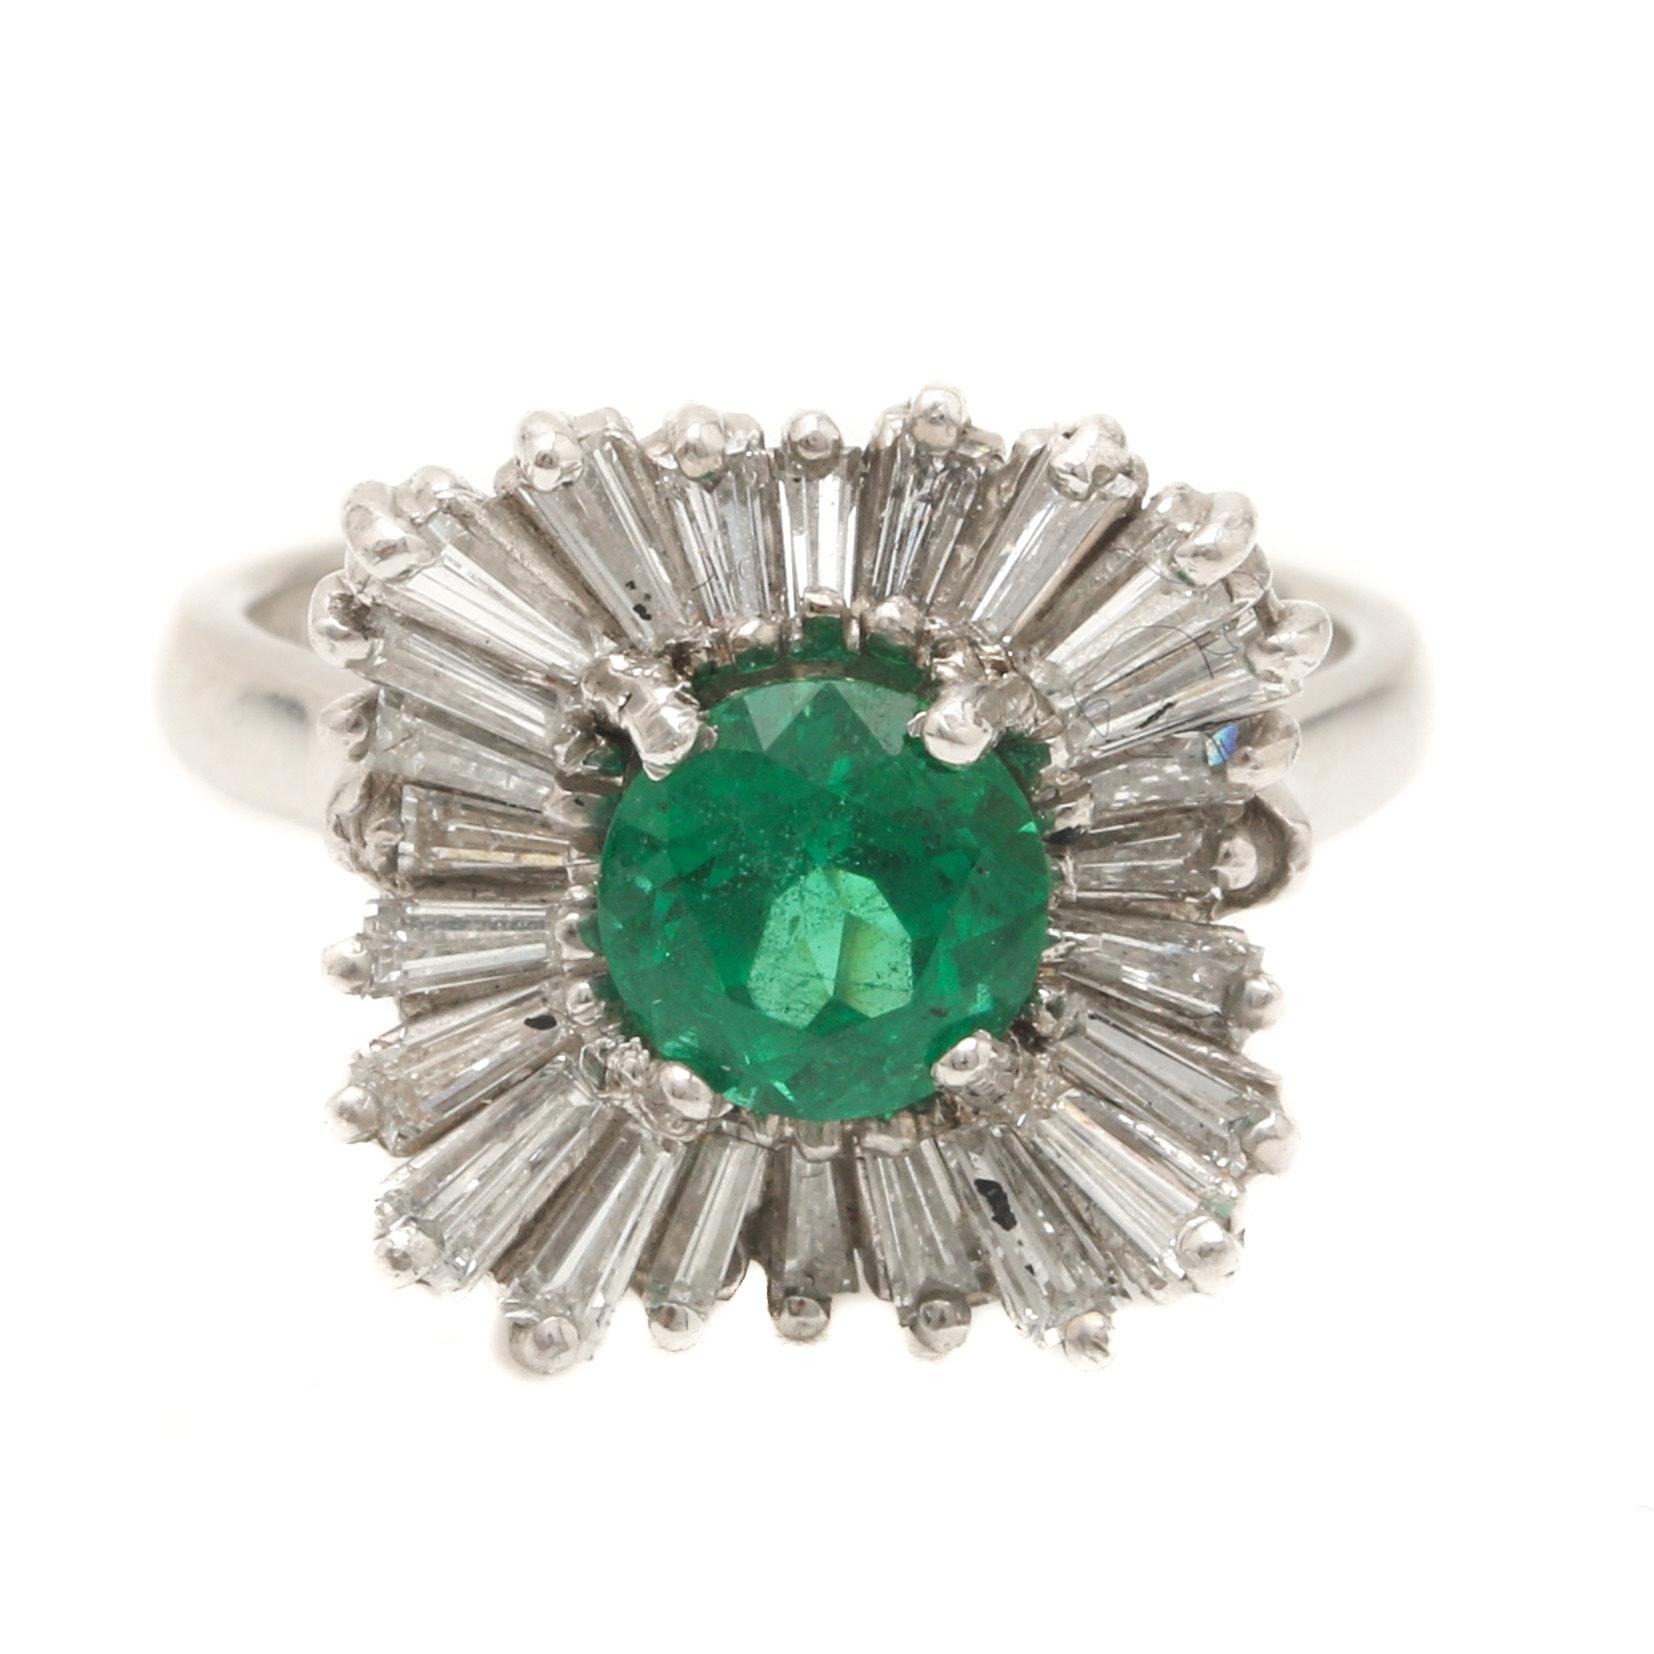 Platinum 1.04 CT Emerald and 1.20 CTW Diamond Ring